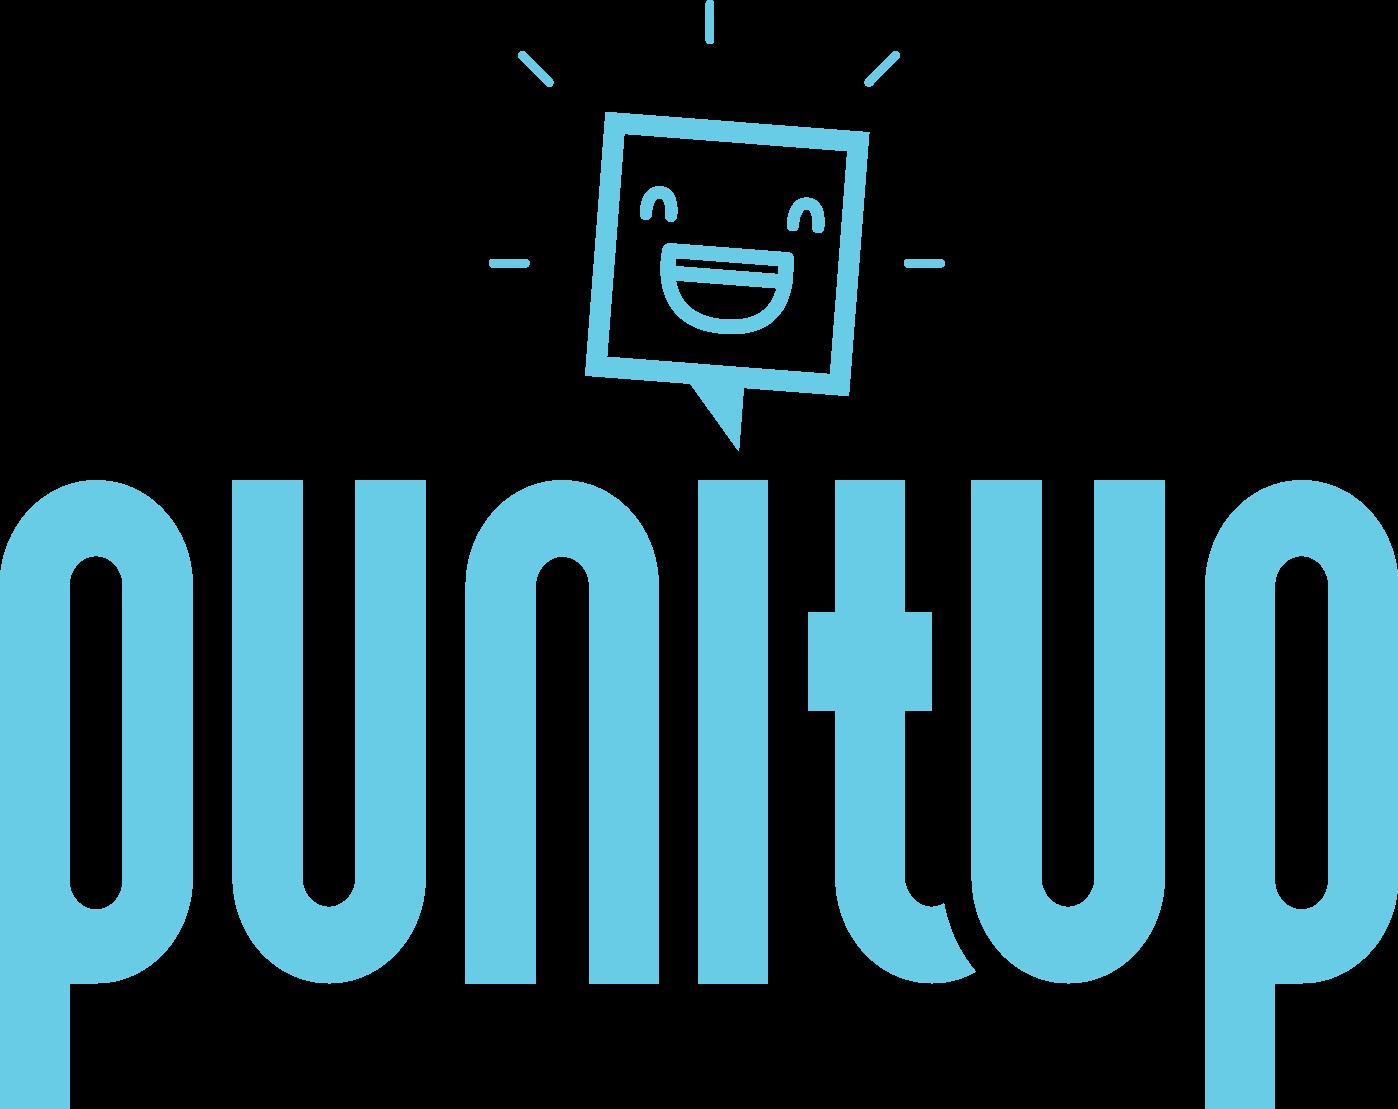 pun it up logo